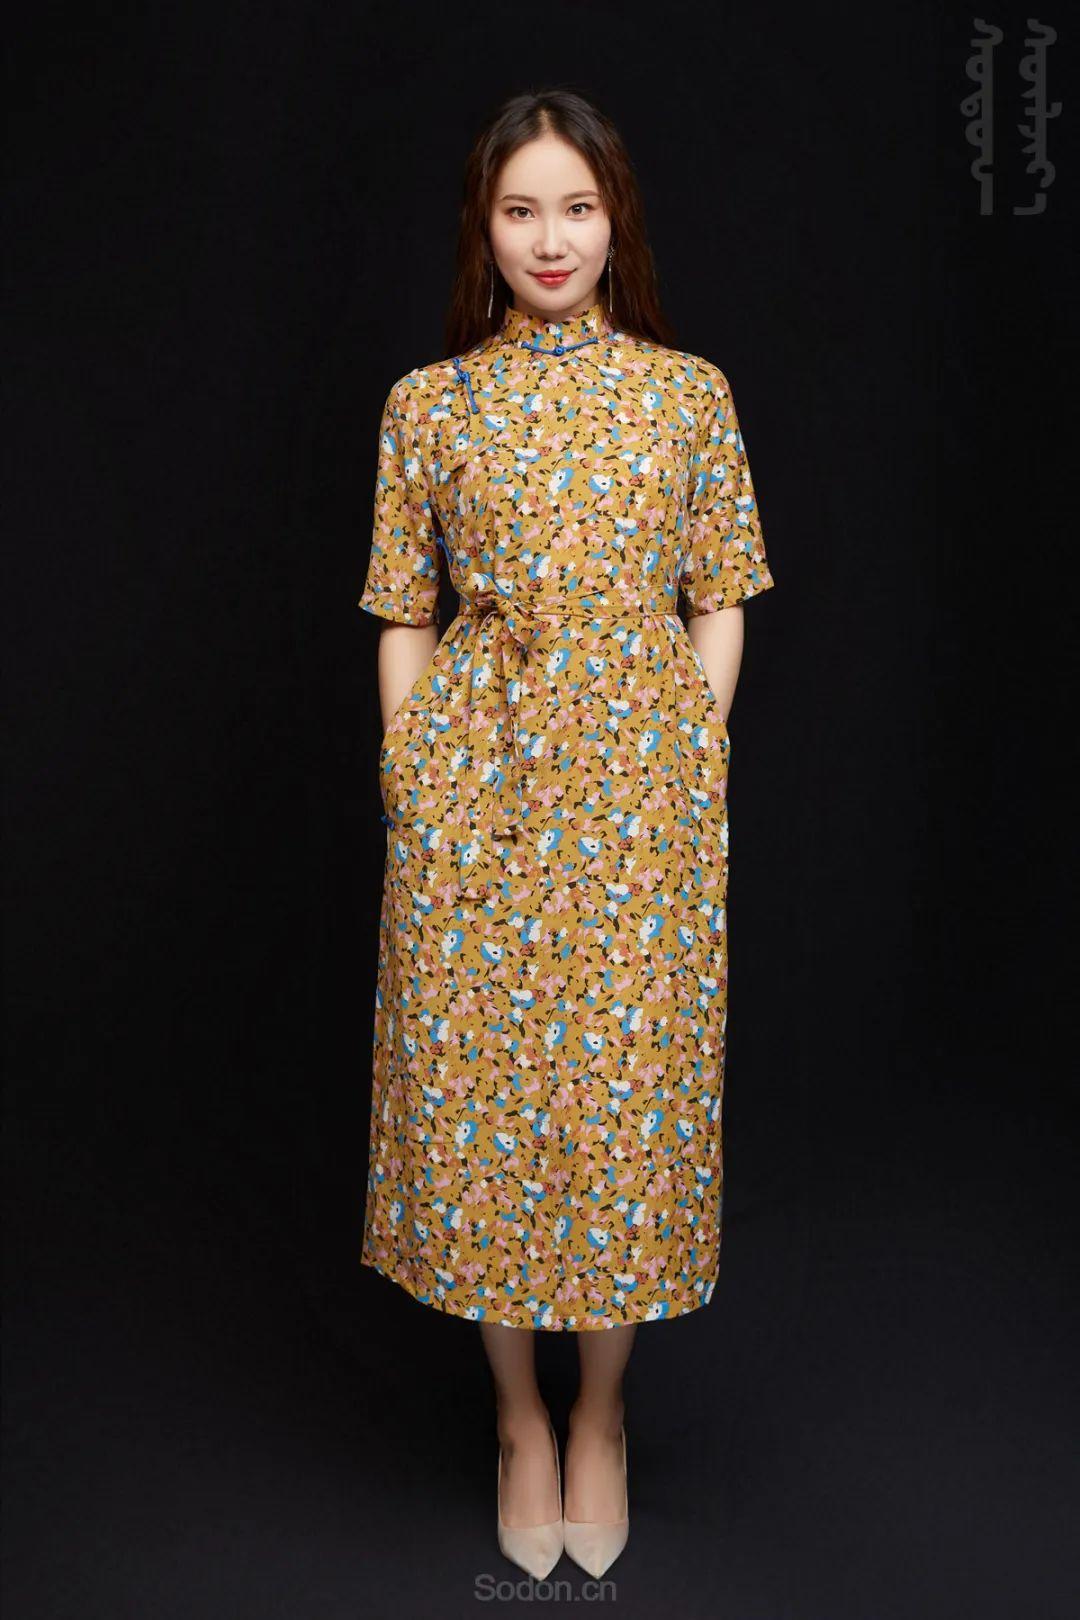 DOMOG蒙古时装2020新款夏季连衣裙首发,618钜惠七折! 第22张